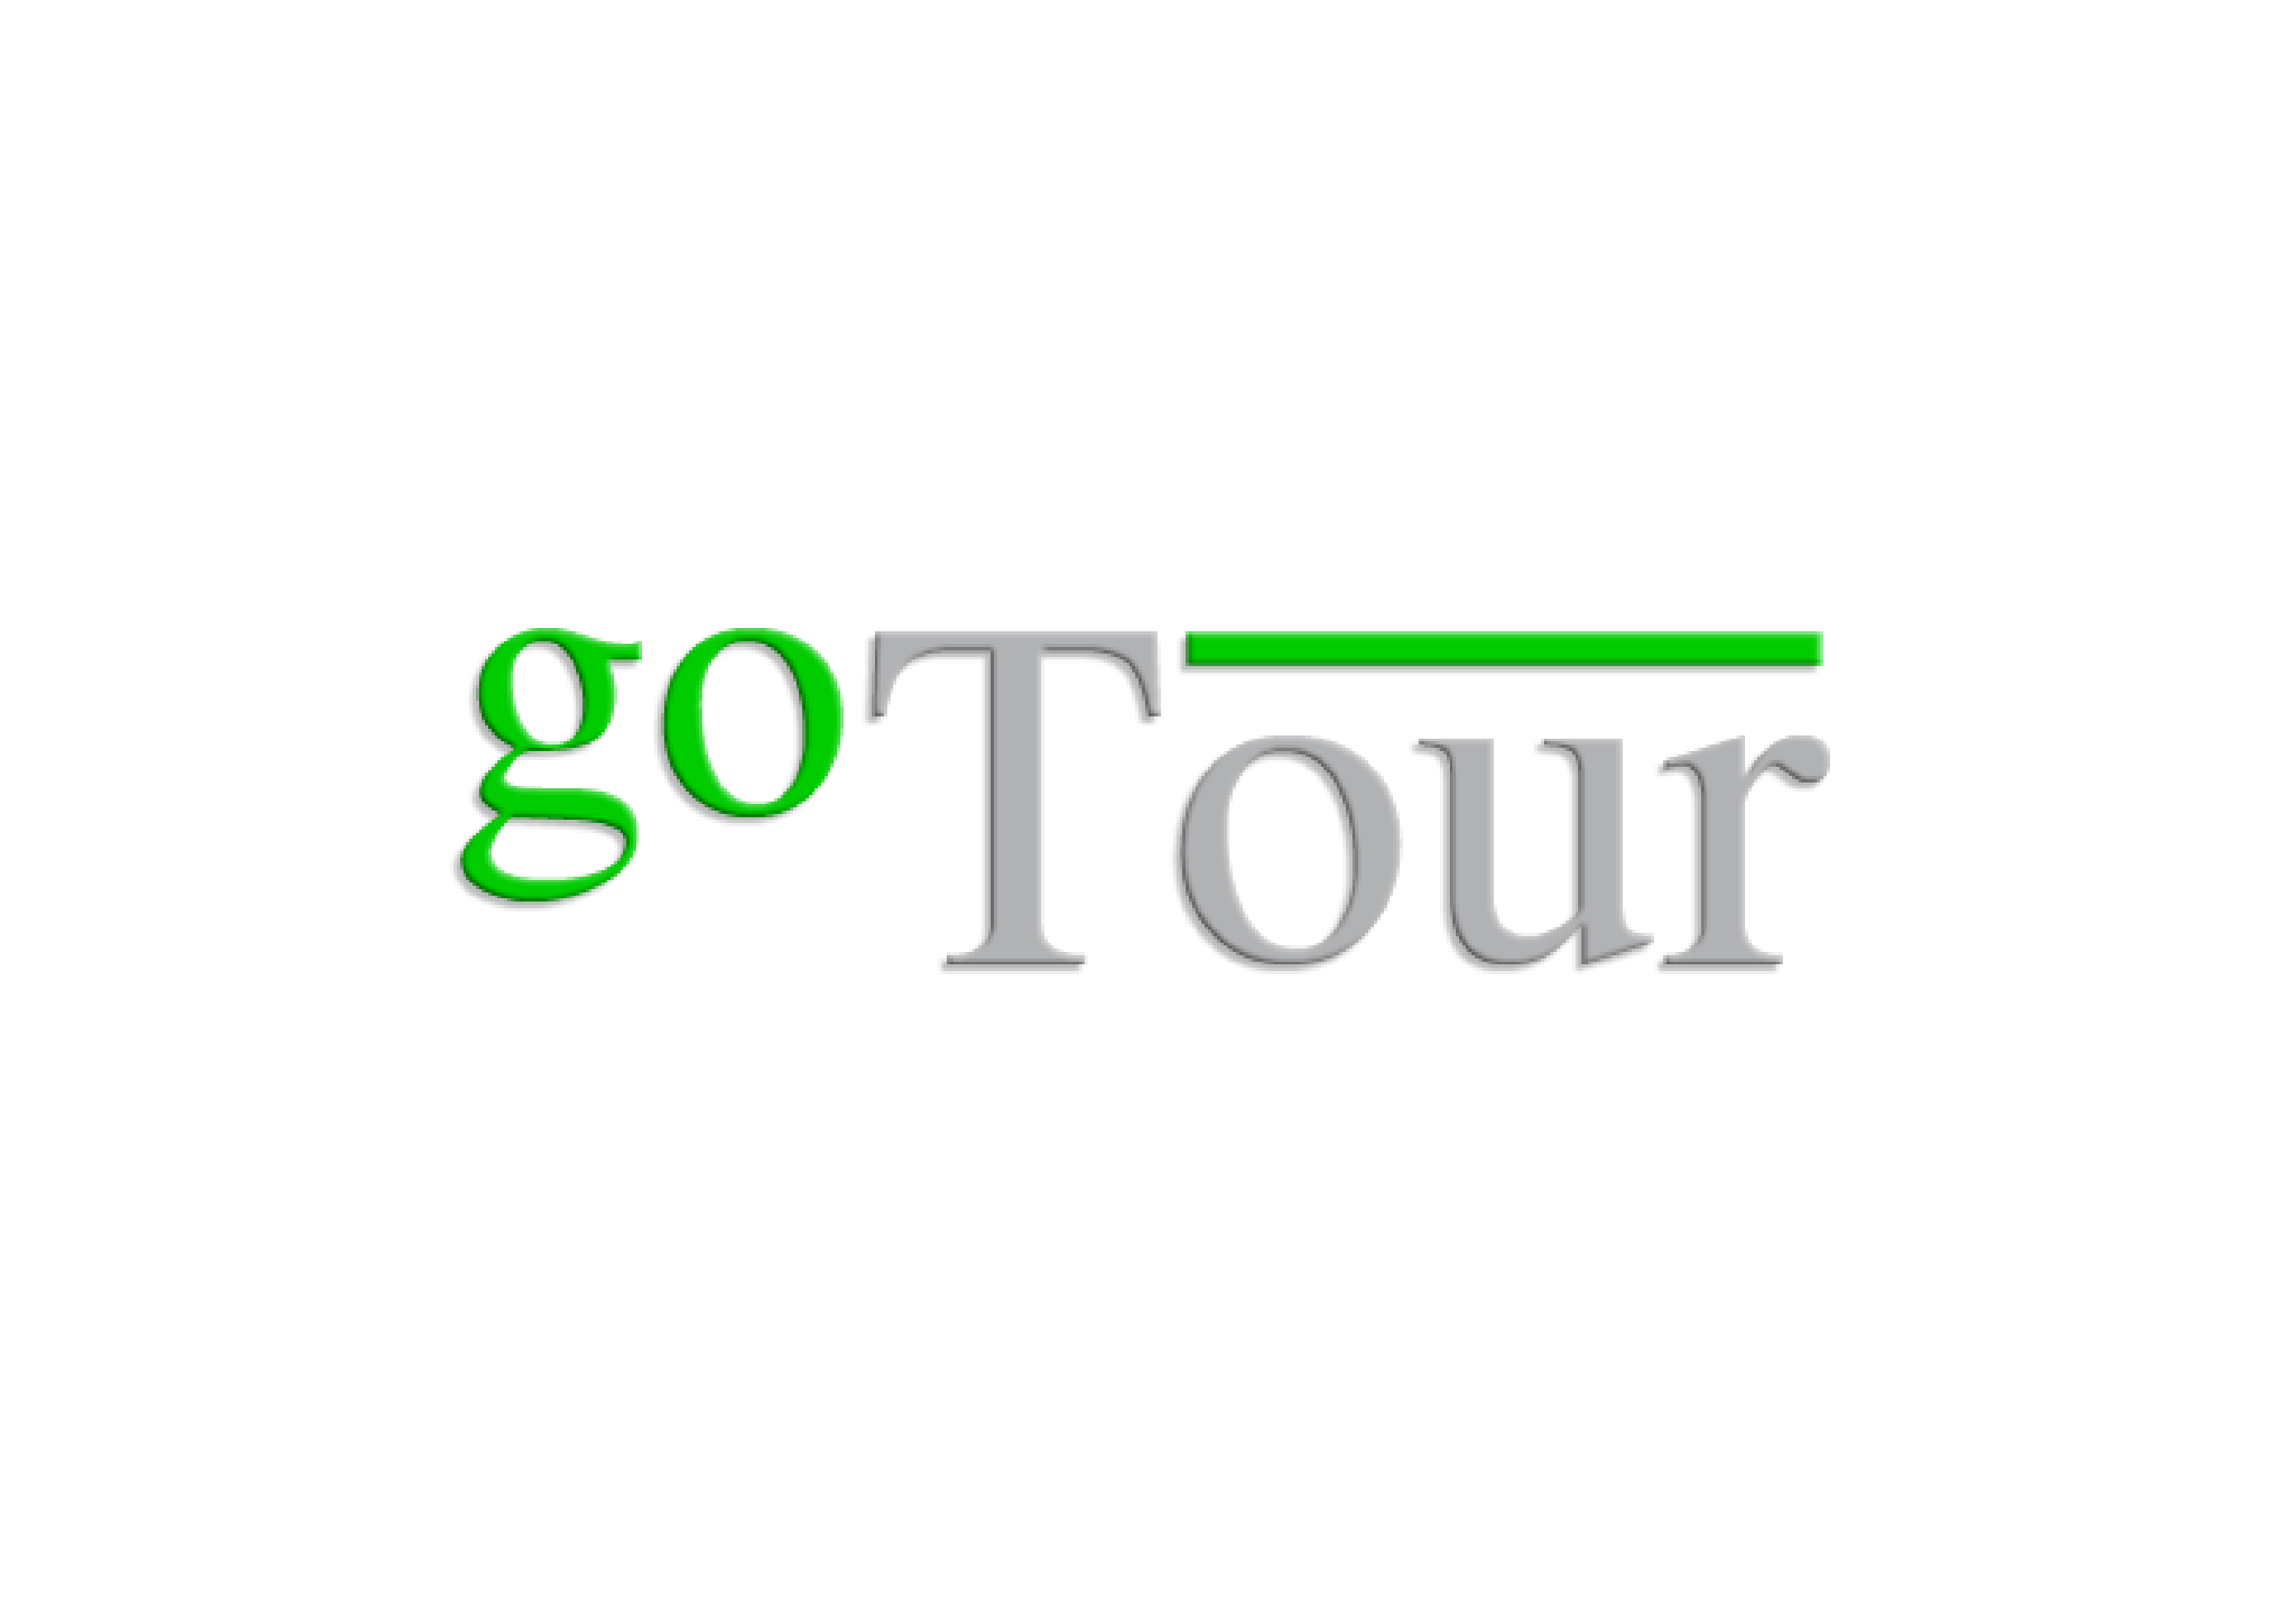 gotour payment processing integration